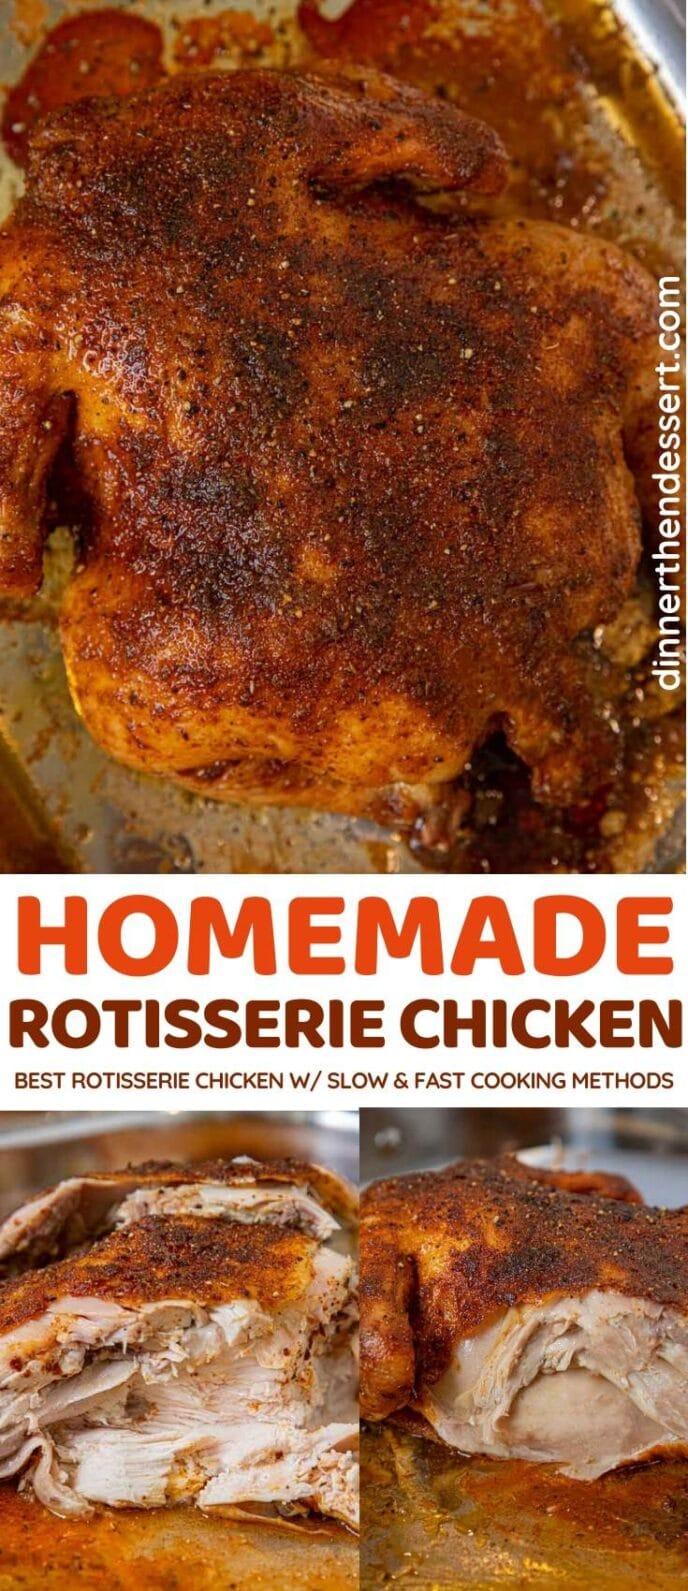 Homemade Rotisserie Chicken collage